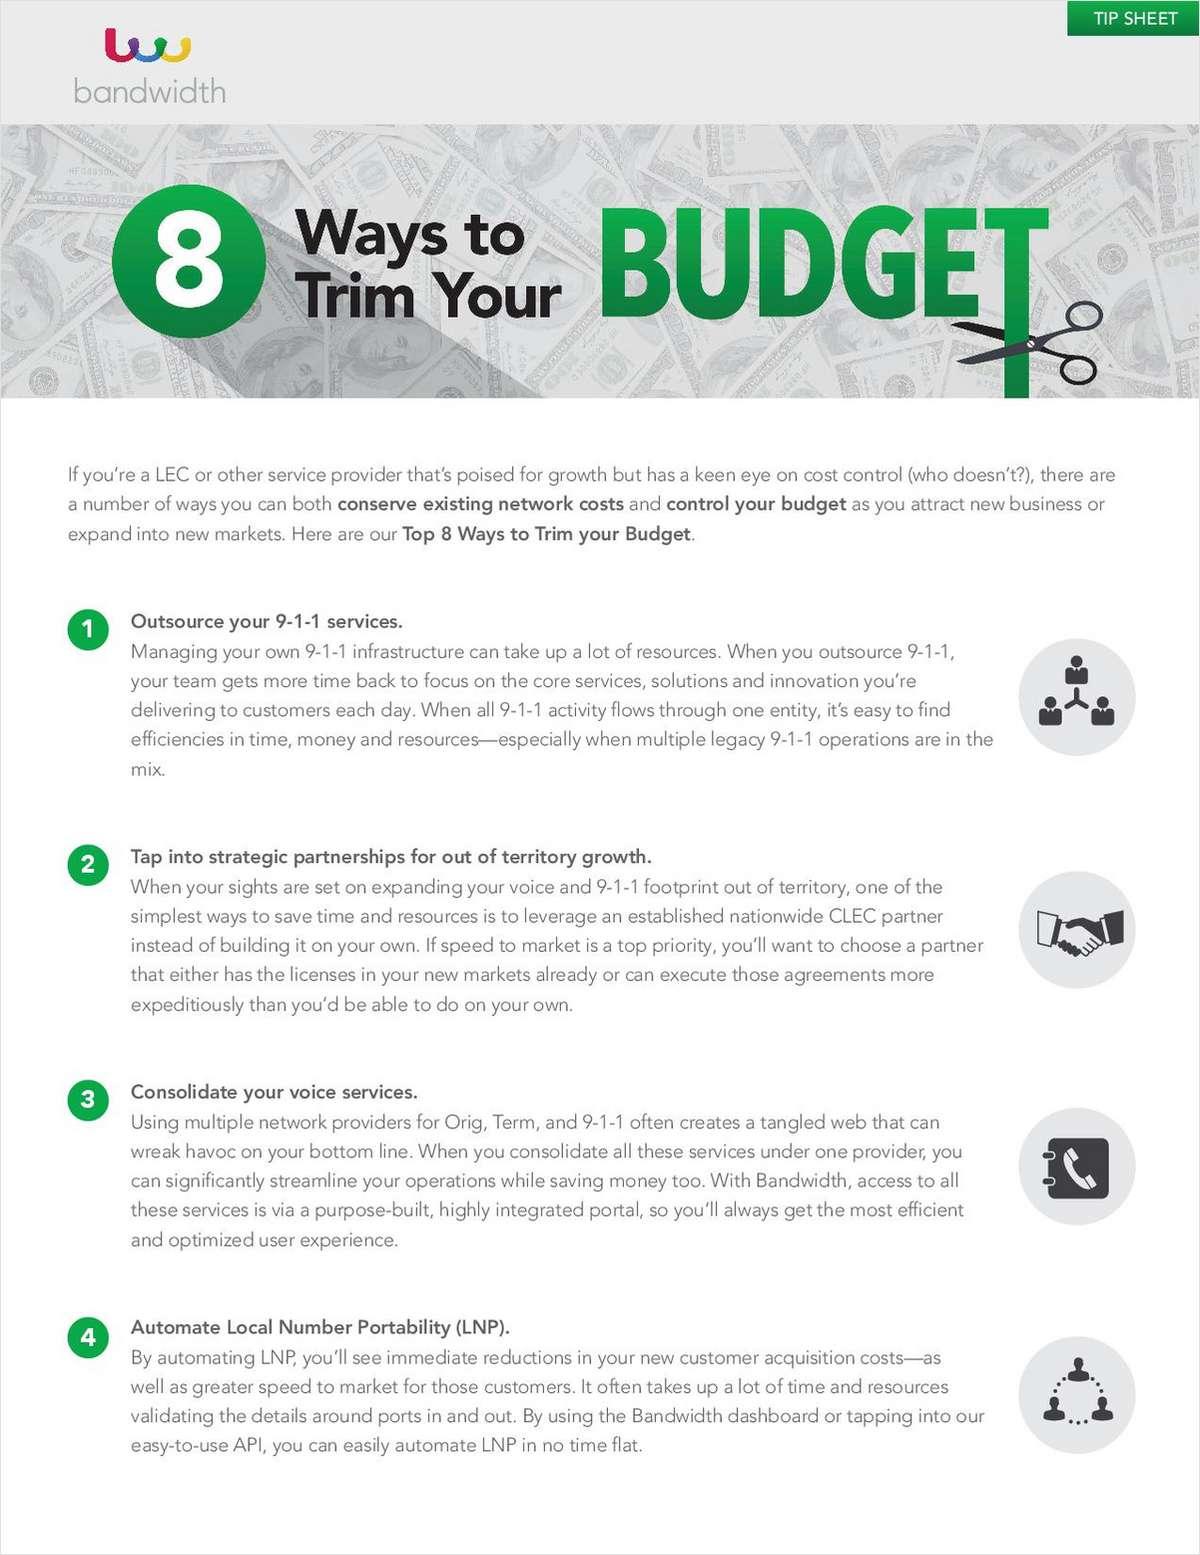 8 Ways to Trim Your Budget